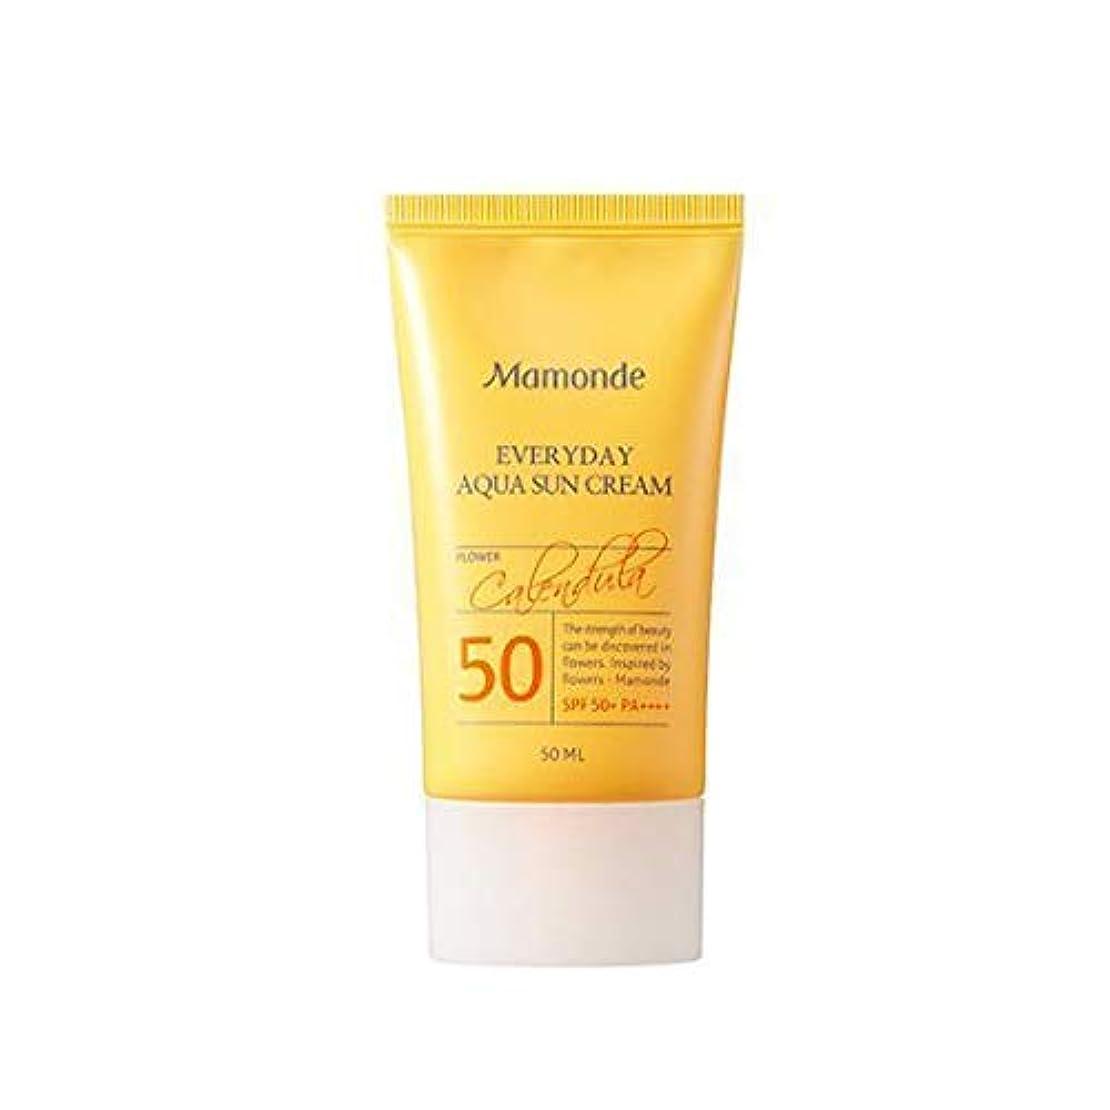 世辞蚊快いMAMONDE マモンド エブリデイアクアサンクリーム (50ml),SPF50+PA++++ Everyday Aqua Sun Cream 韓国日焼け止め